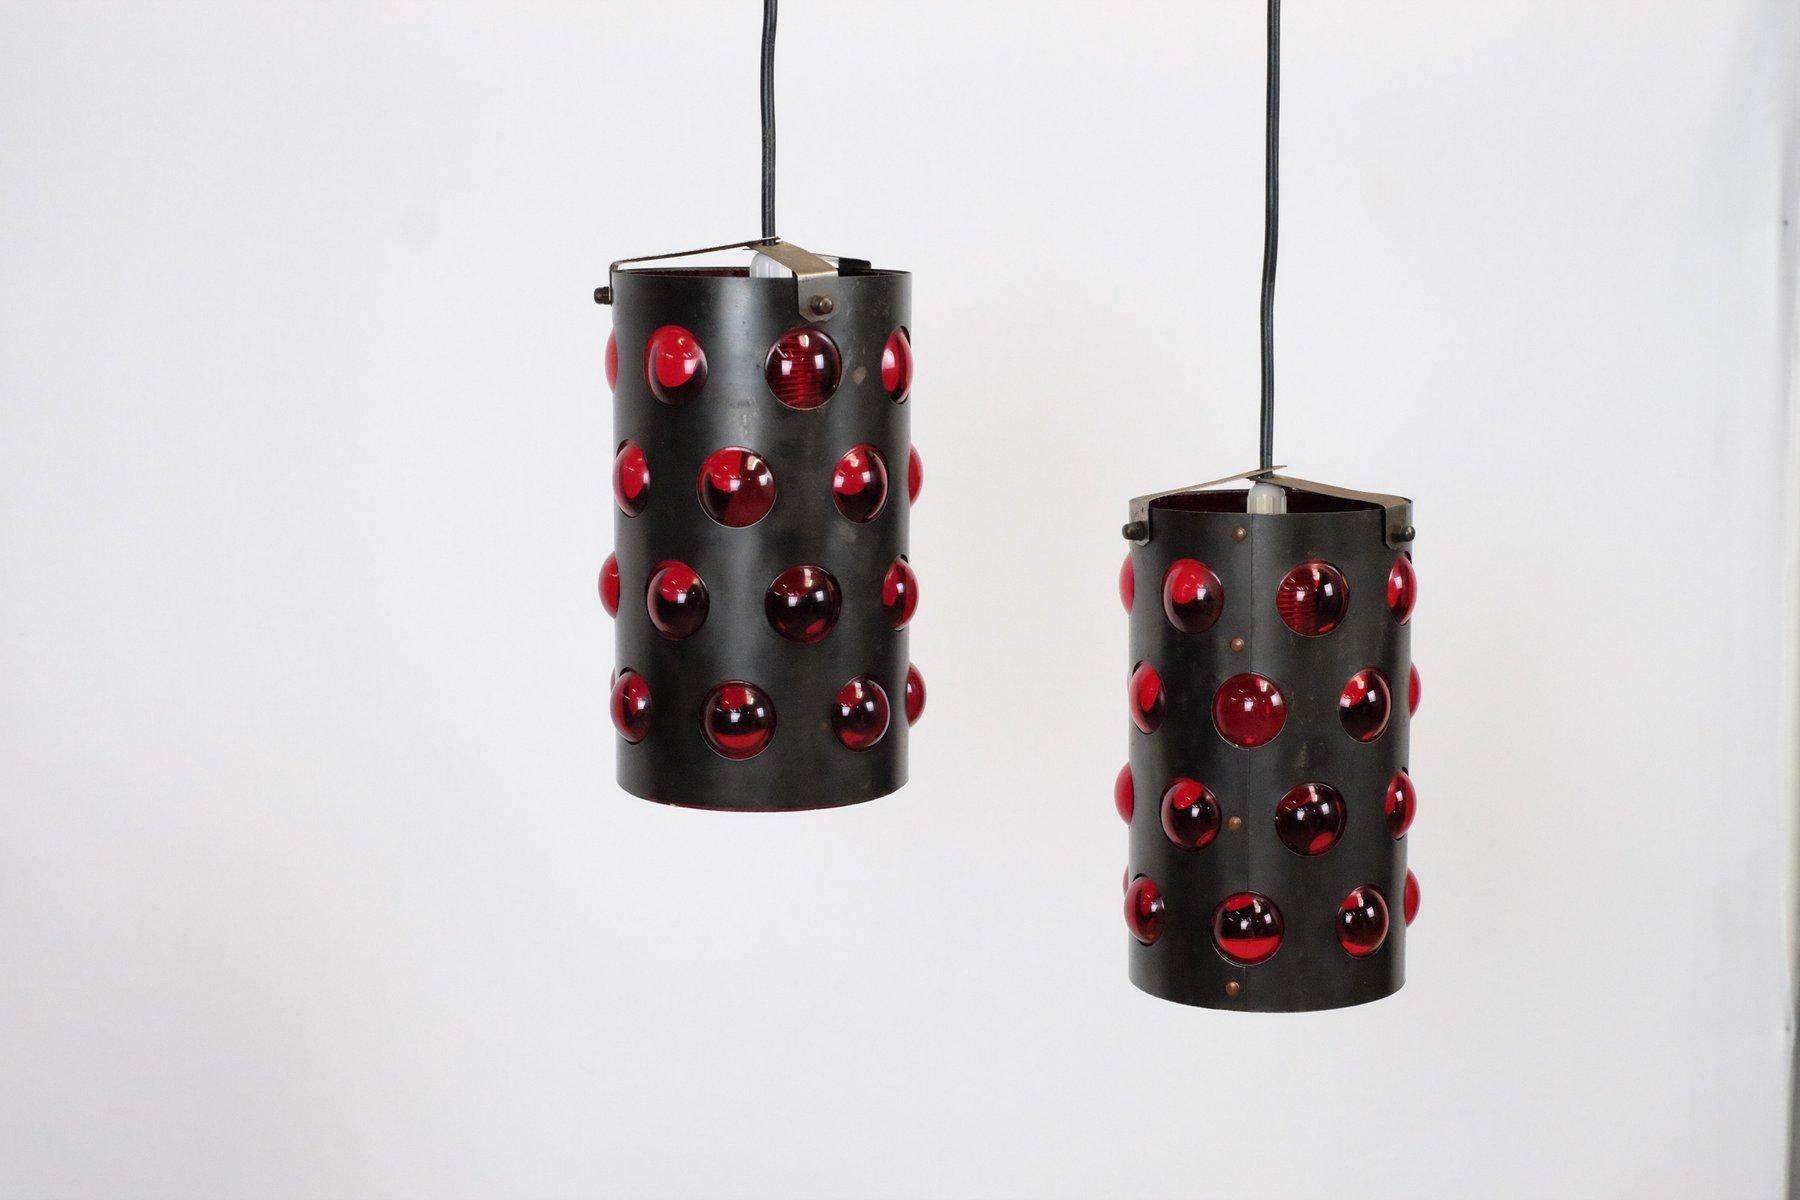 Zylindrische Vintage Deckenlampen, 2er Set